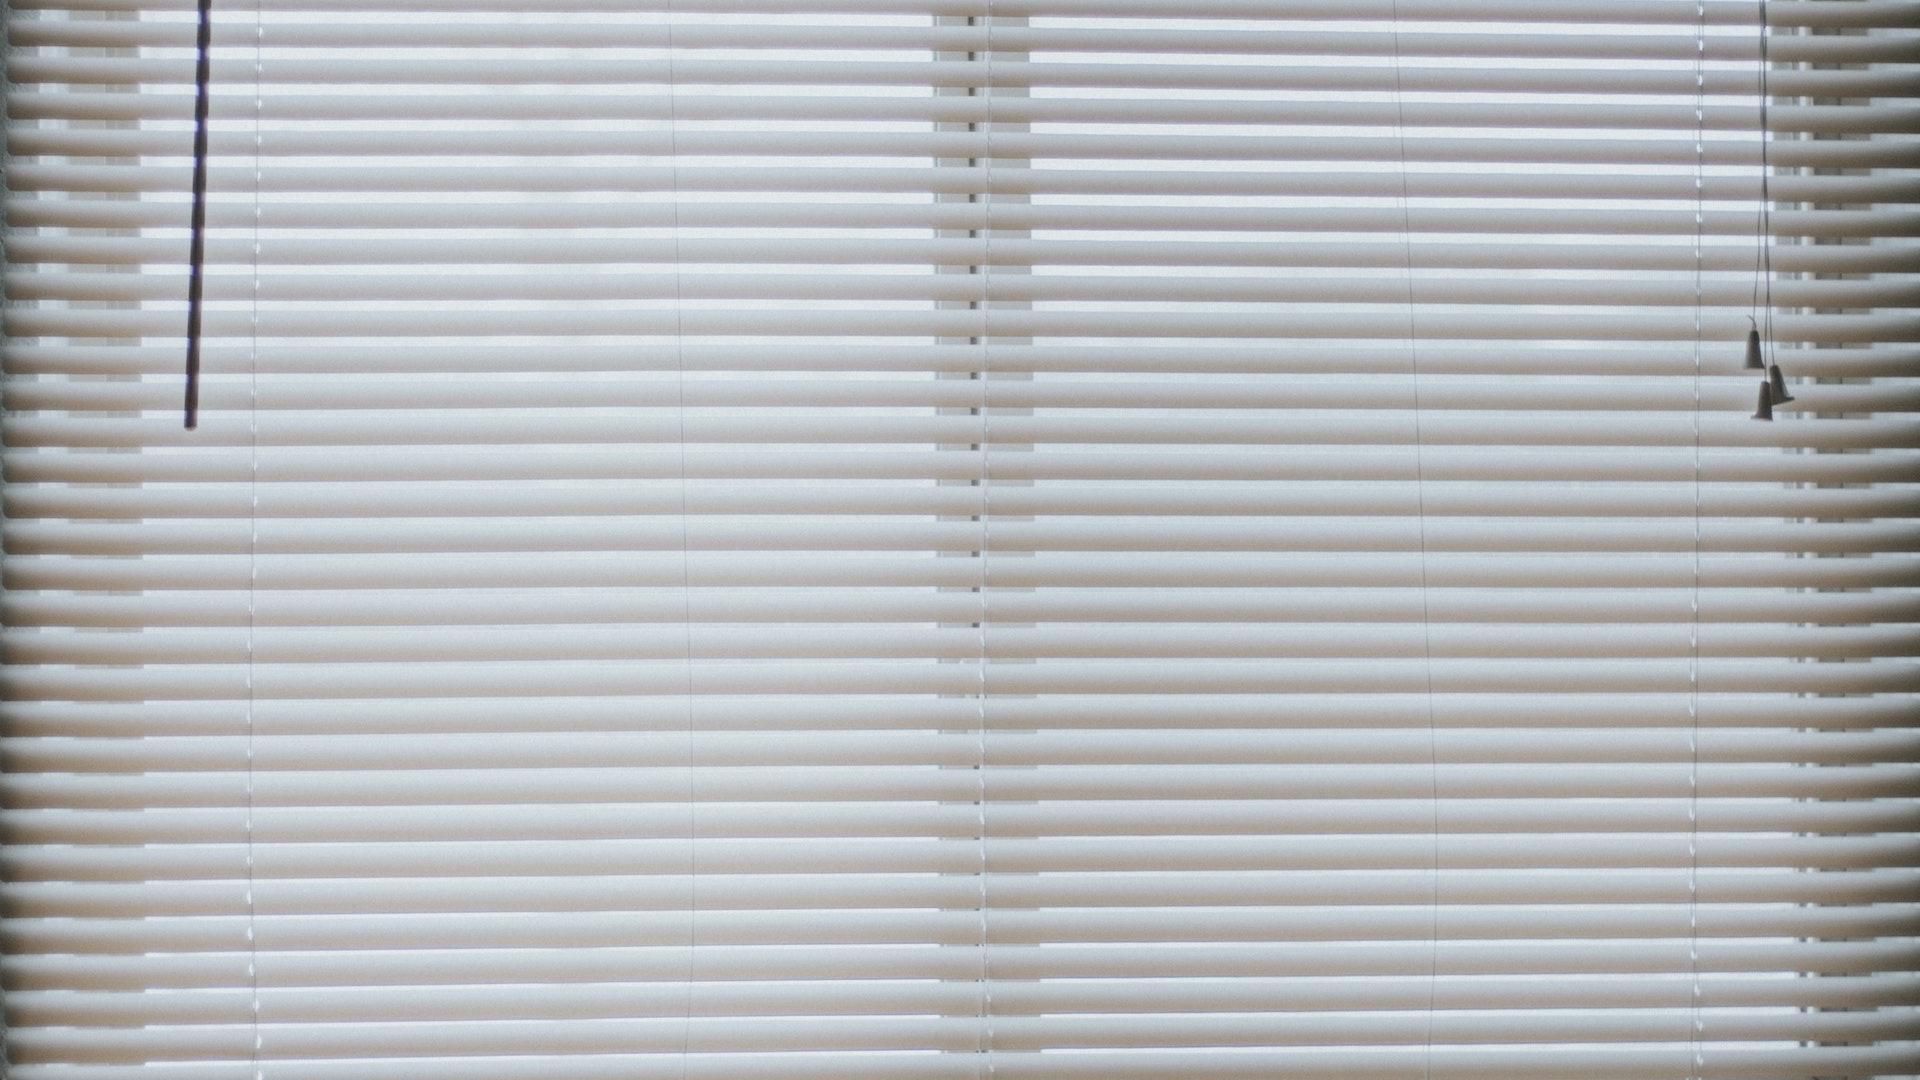 ブラインドのついている窓の無料バーチャル背景素材